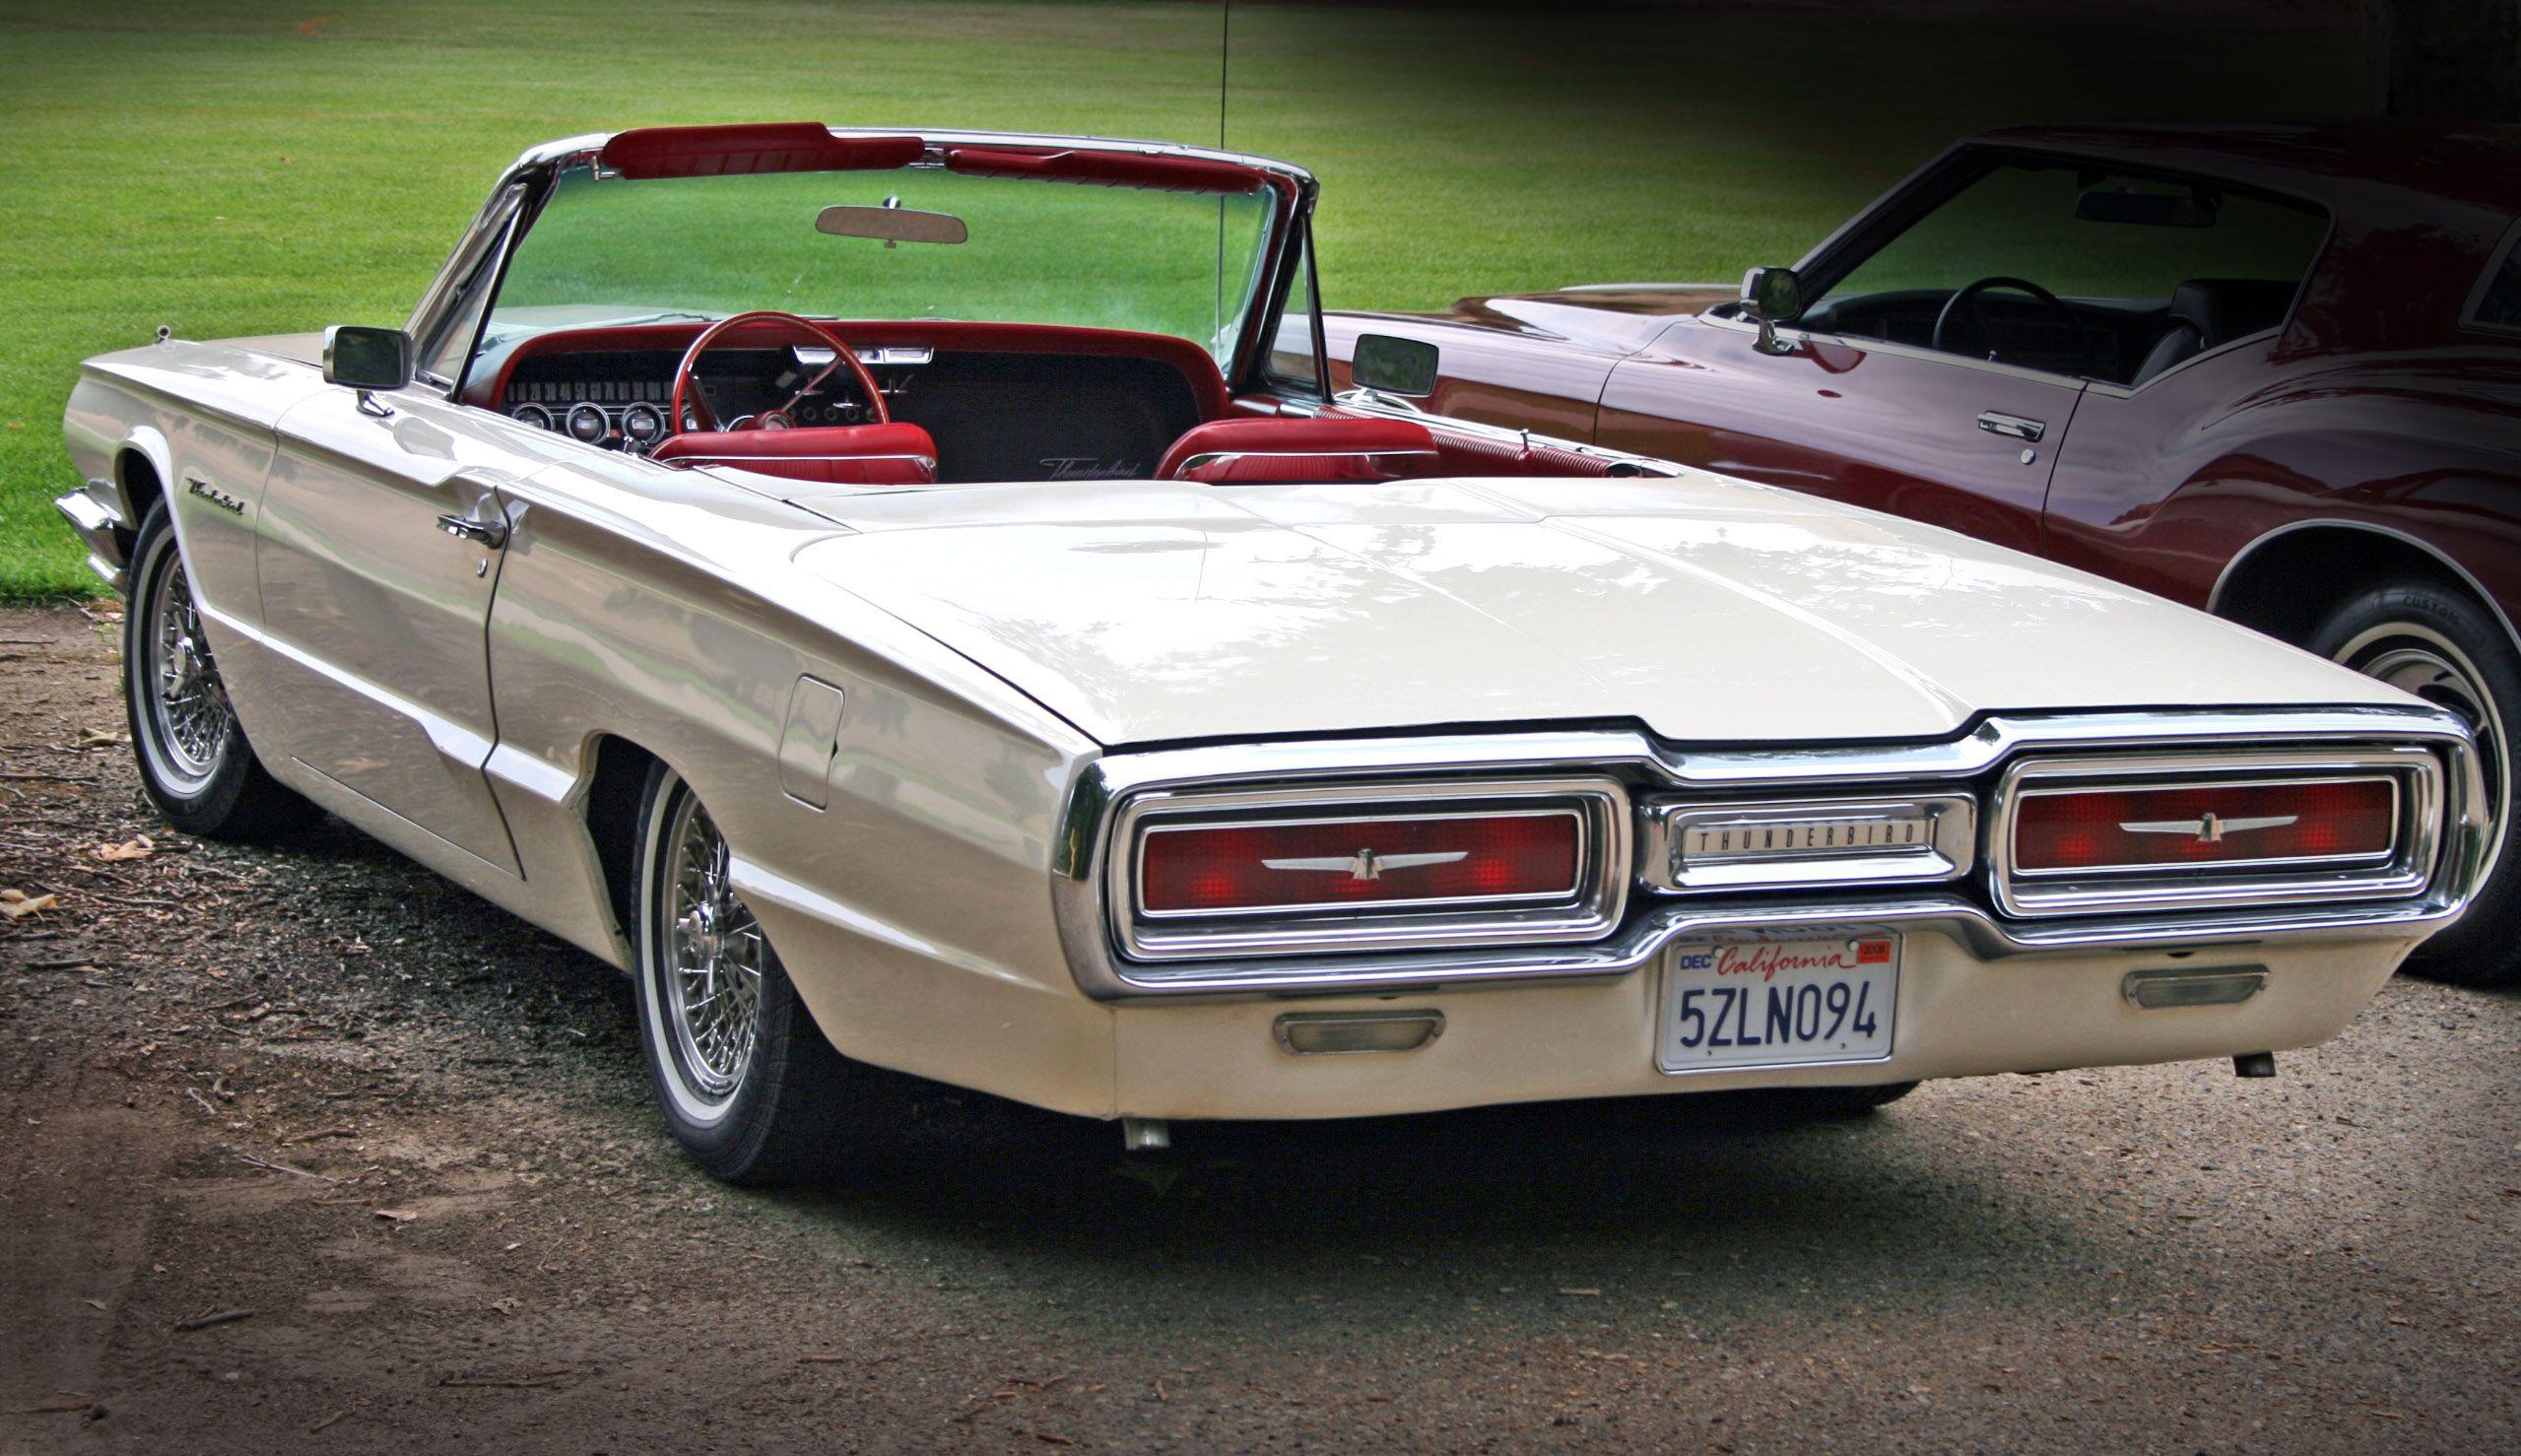 1964 Ford Thunderbird Ford Thunderbird Vintage Cars Classic Cars Vintage